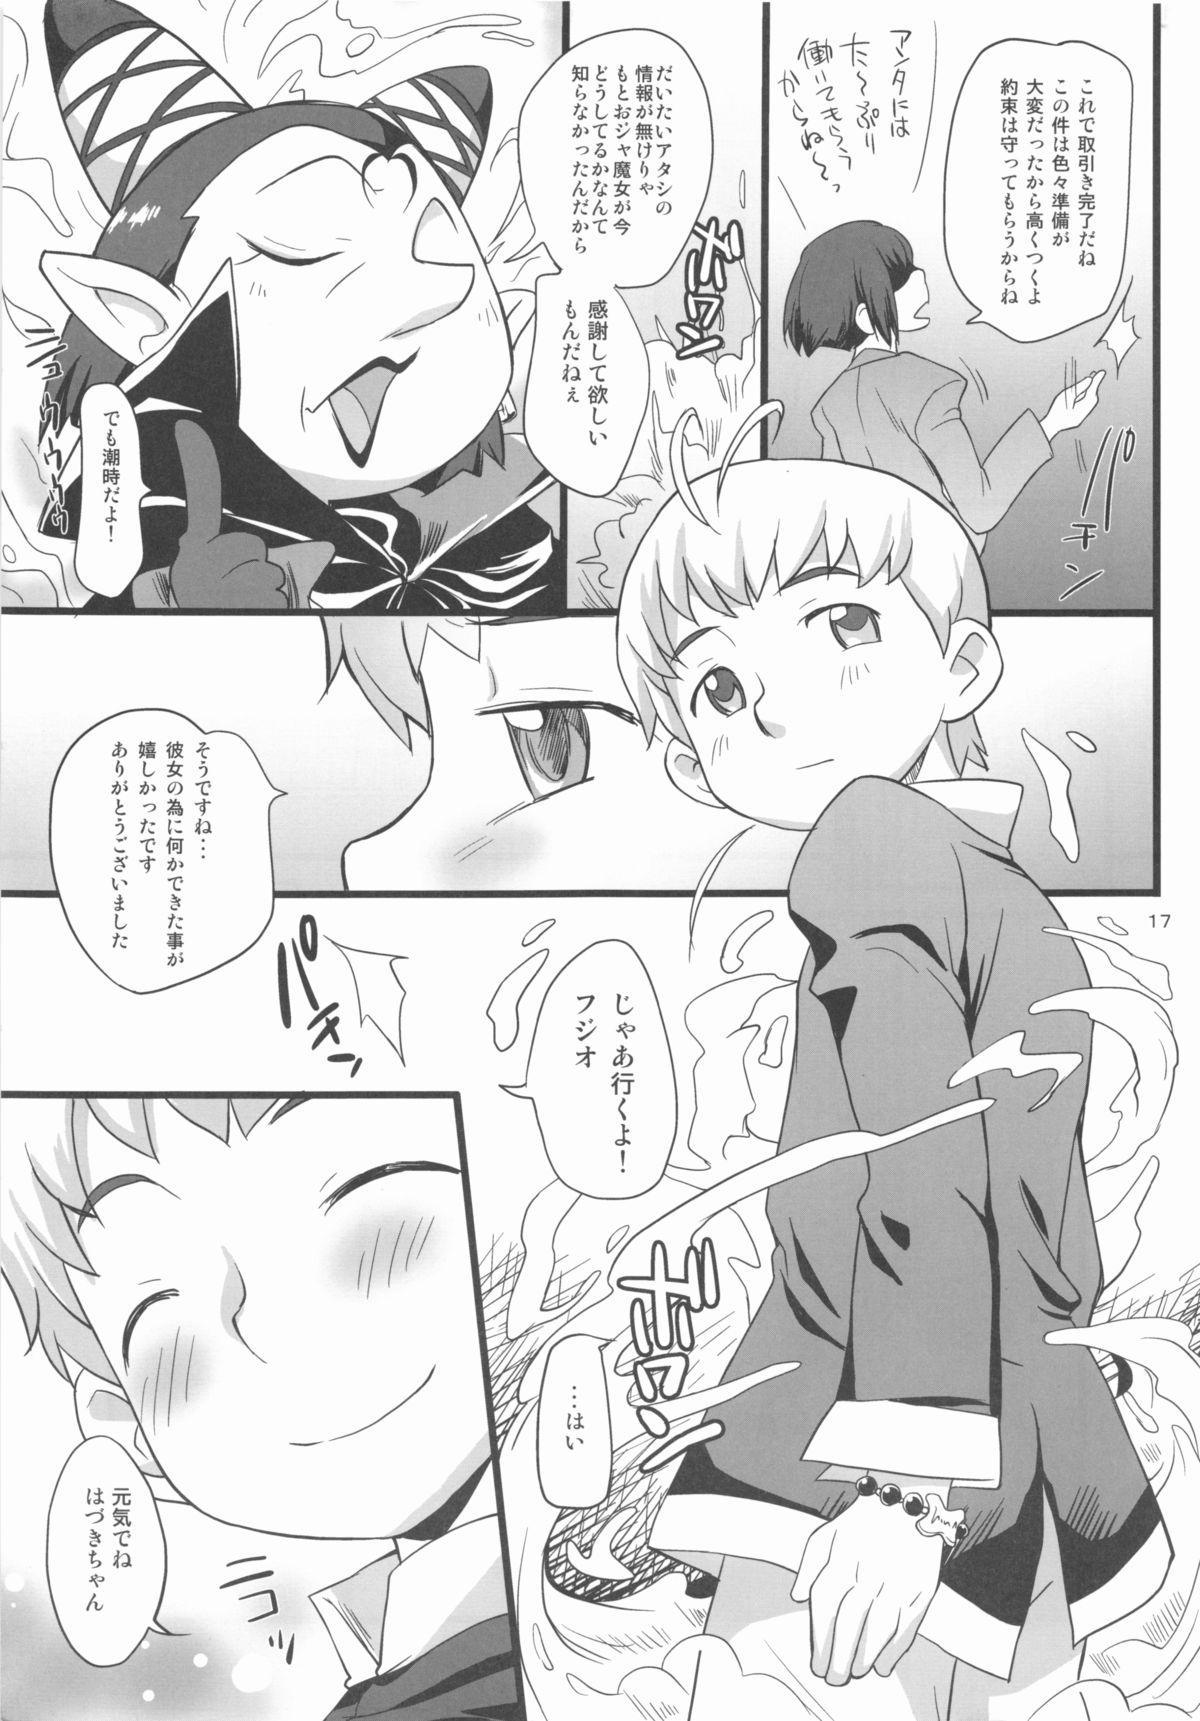 Watashi no Jikan Yuugure 16